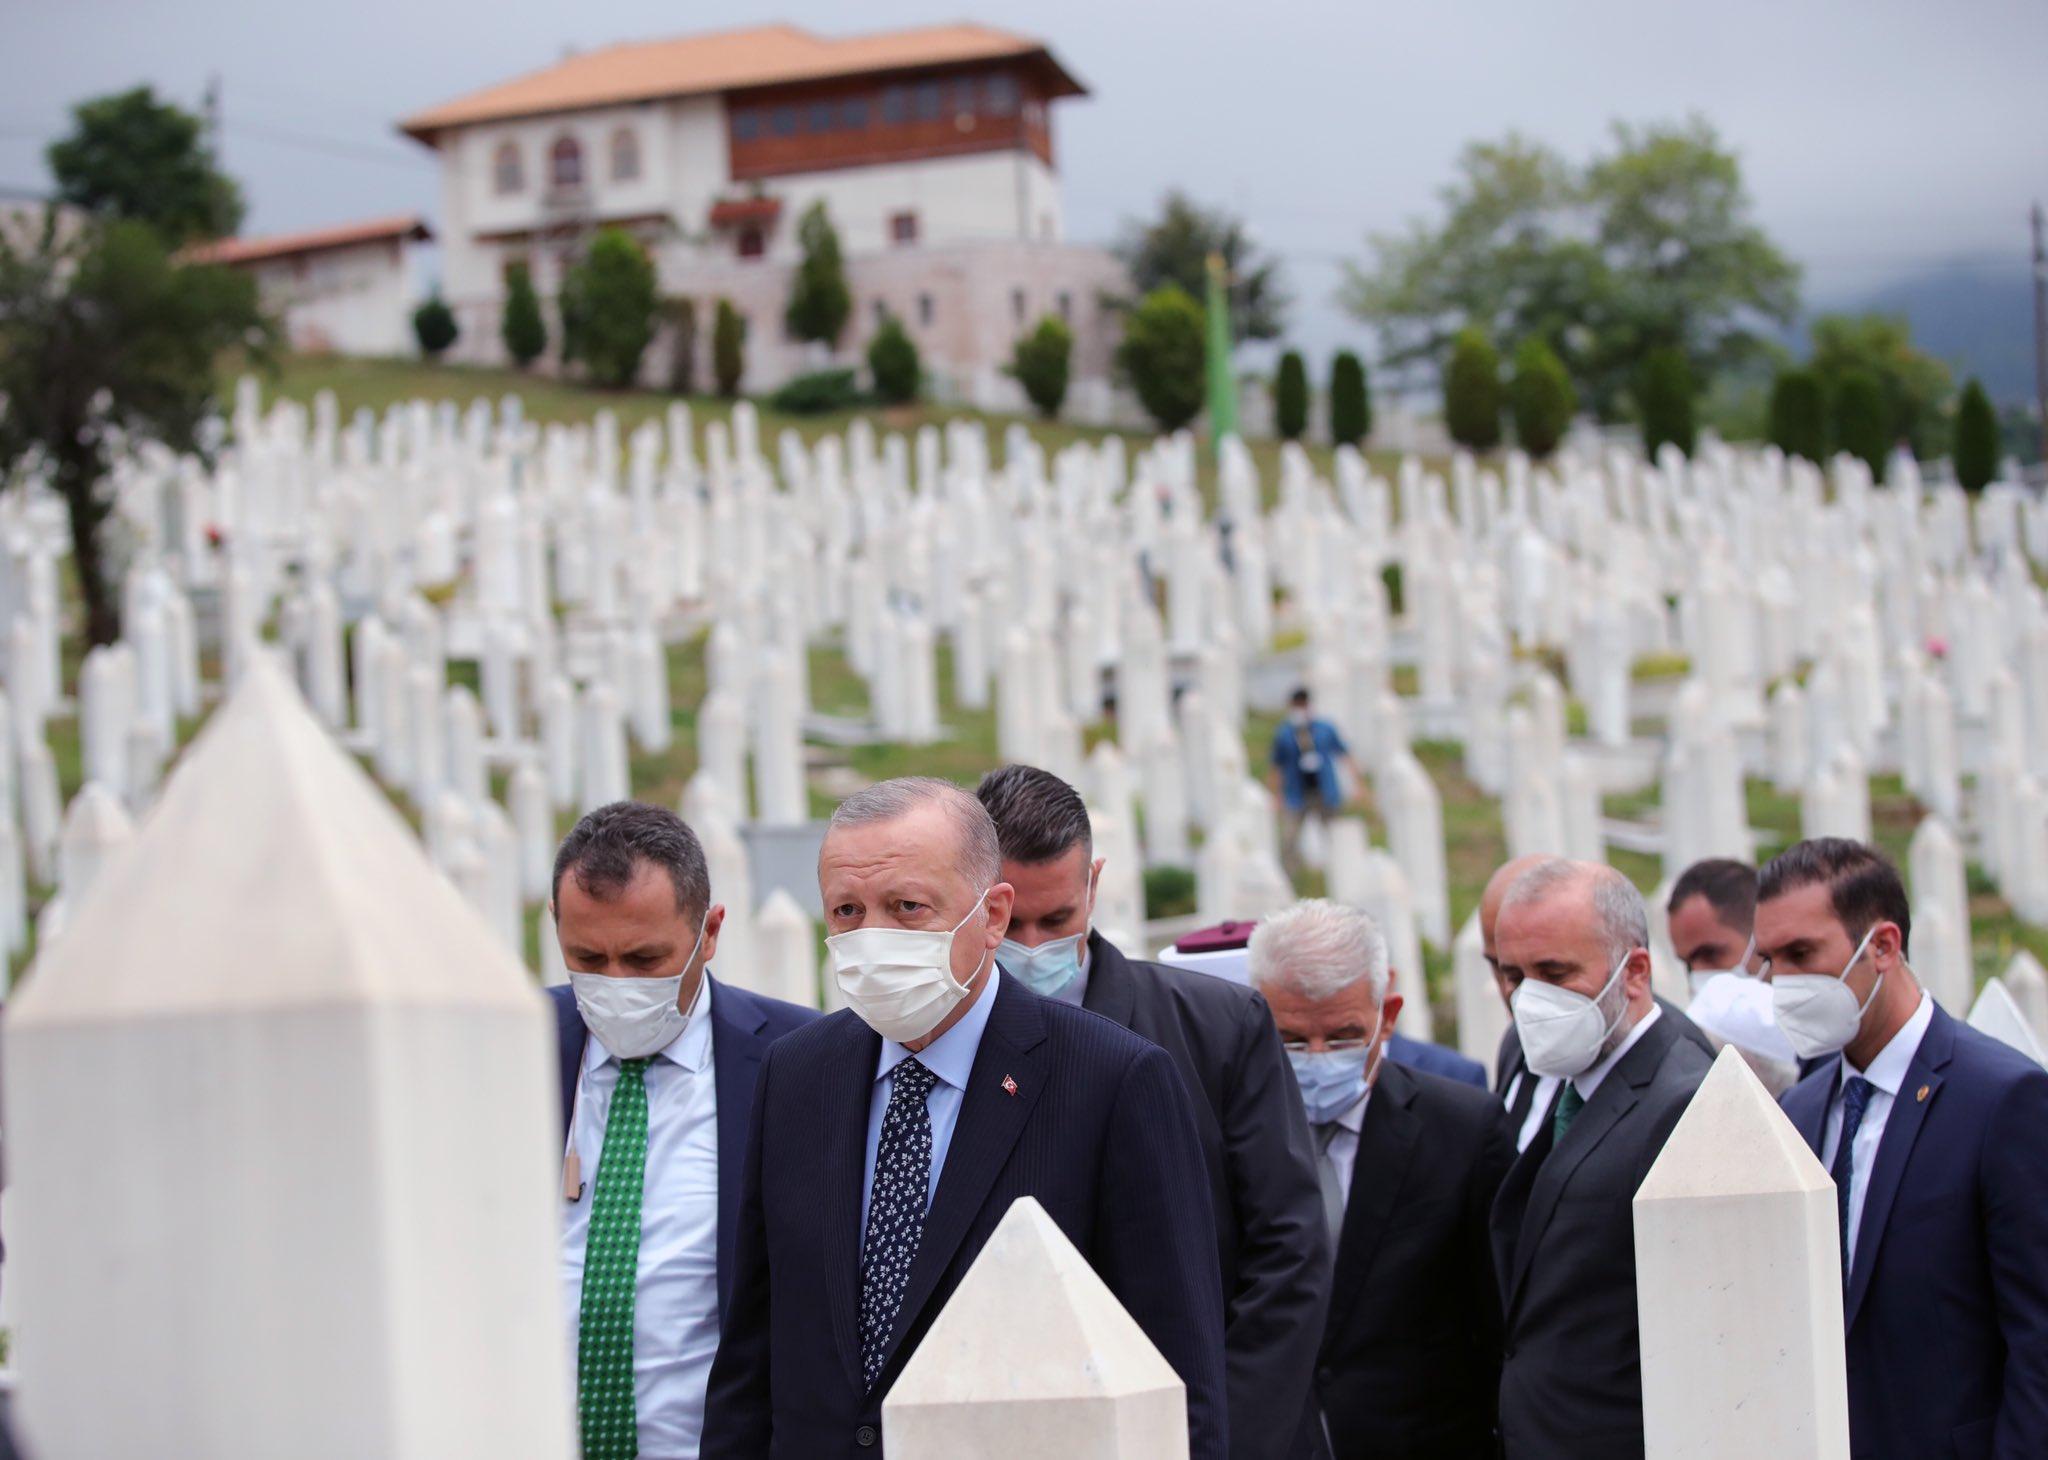 Το καλοκαίρι των «ήσυχων» τουρκικών μαξιμαλισμών φέρνει δύσκολο χειμώνα